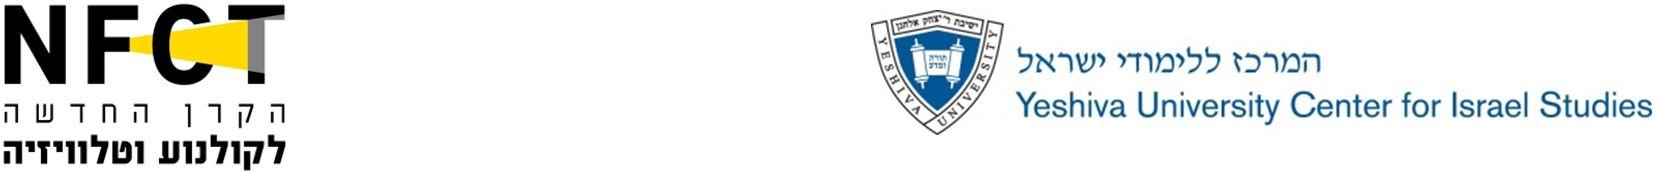 לוגו הקרו ולוגו המרכז ללימודי ישראל